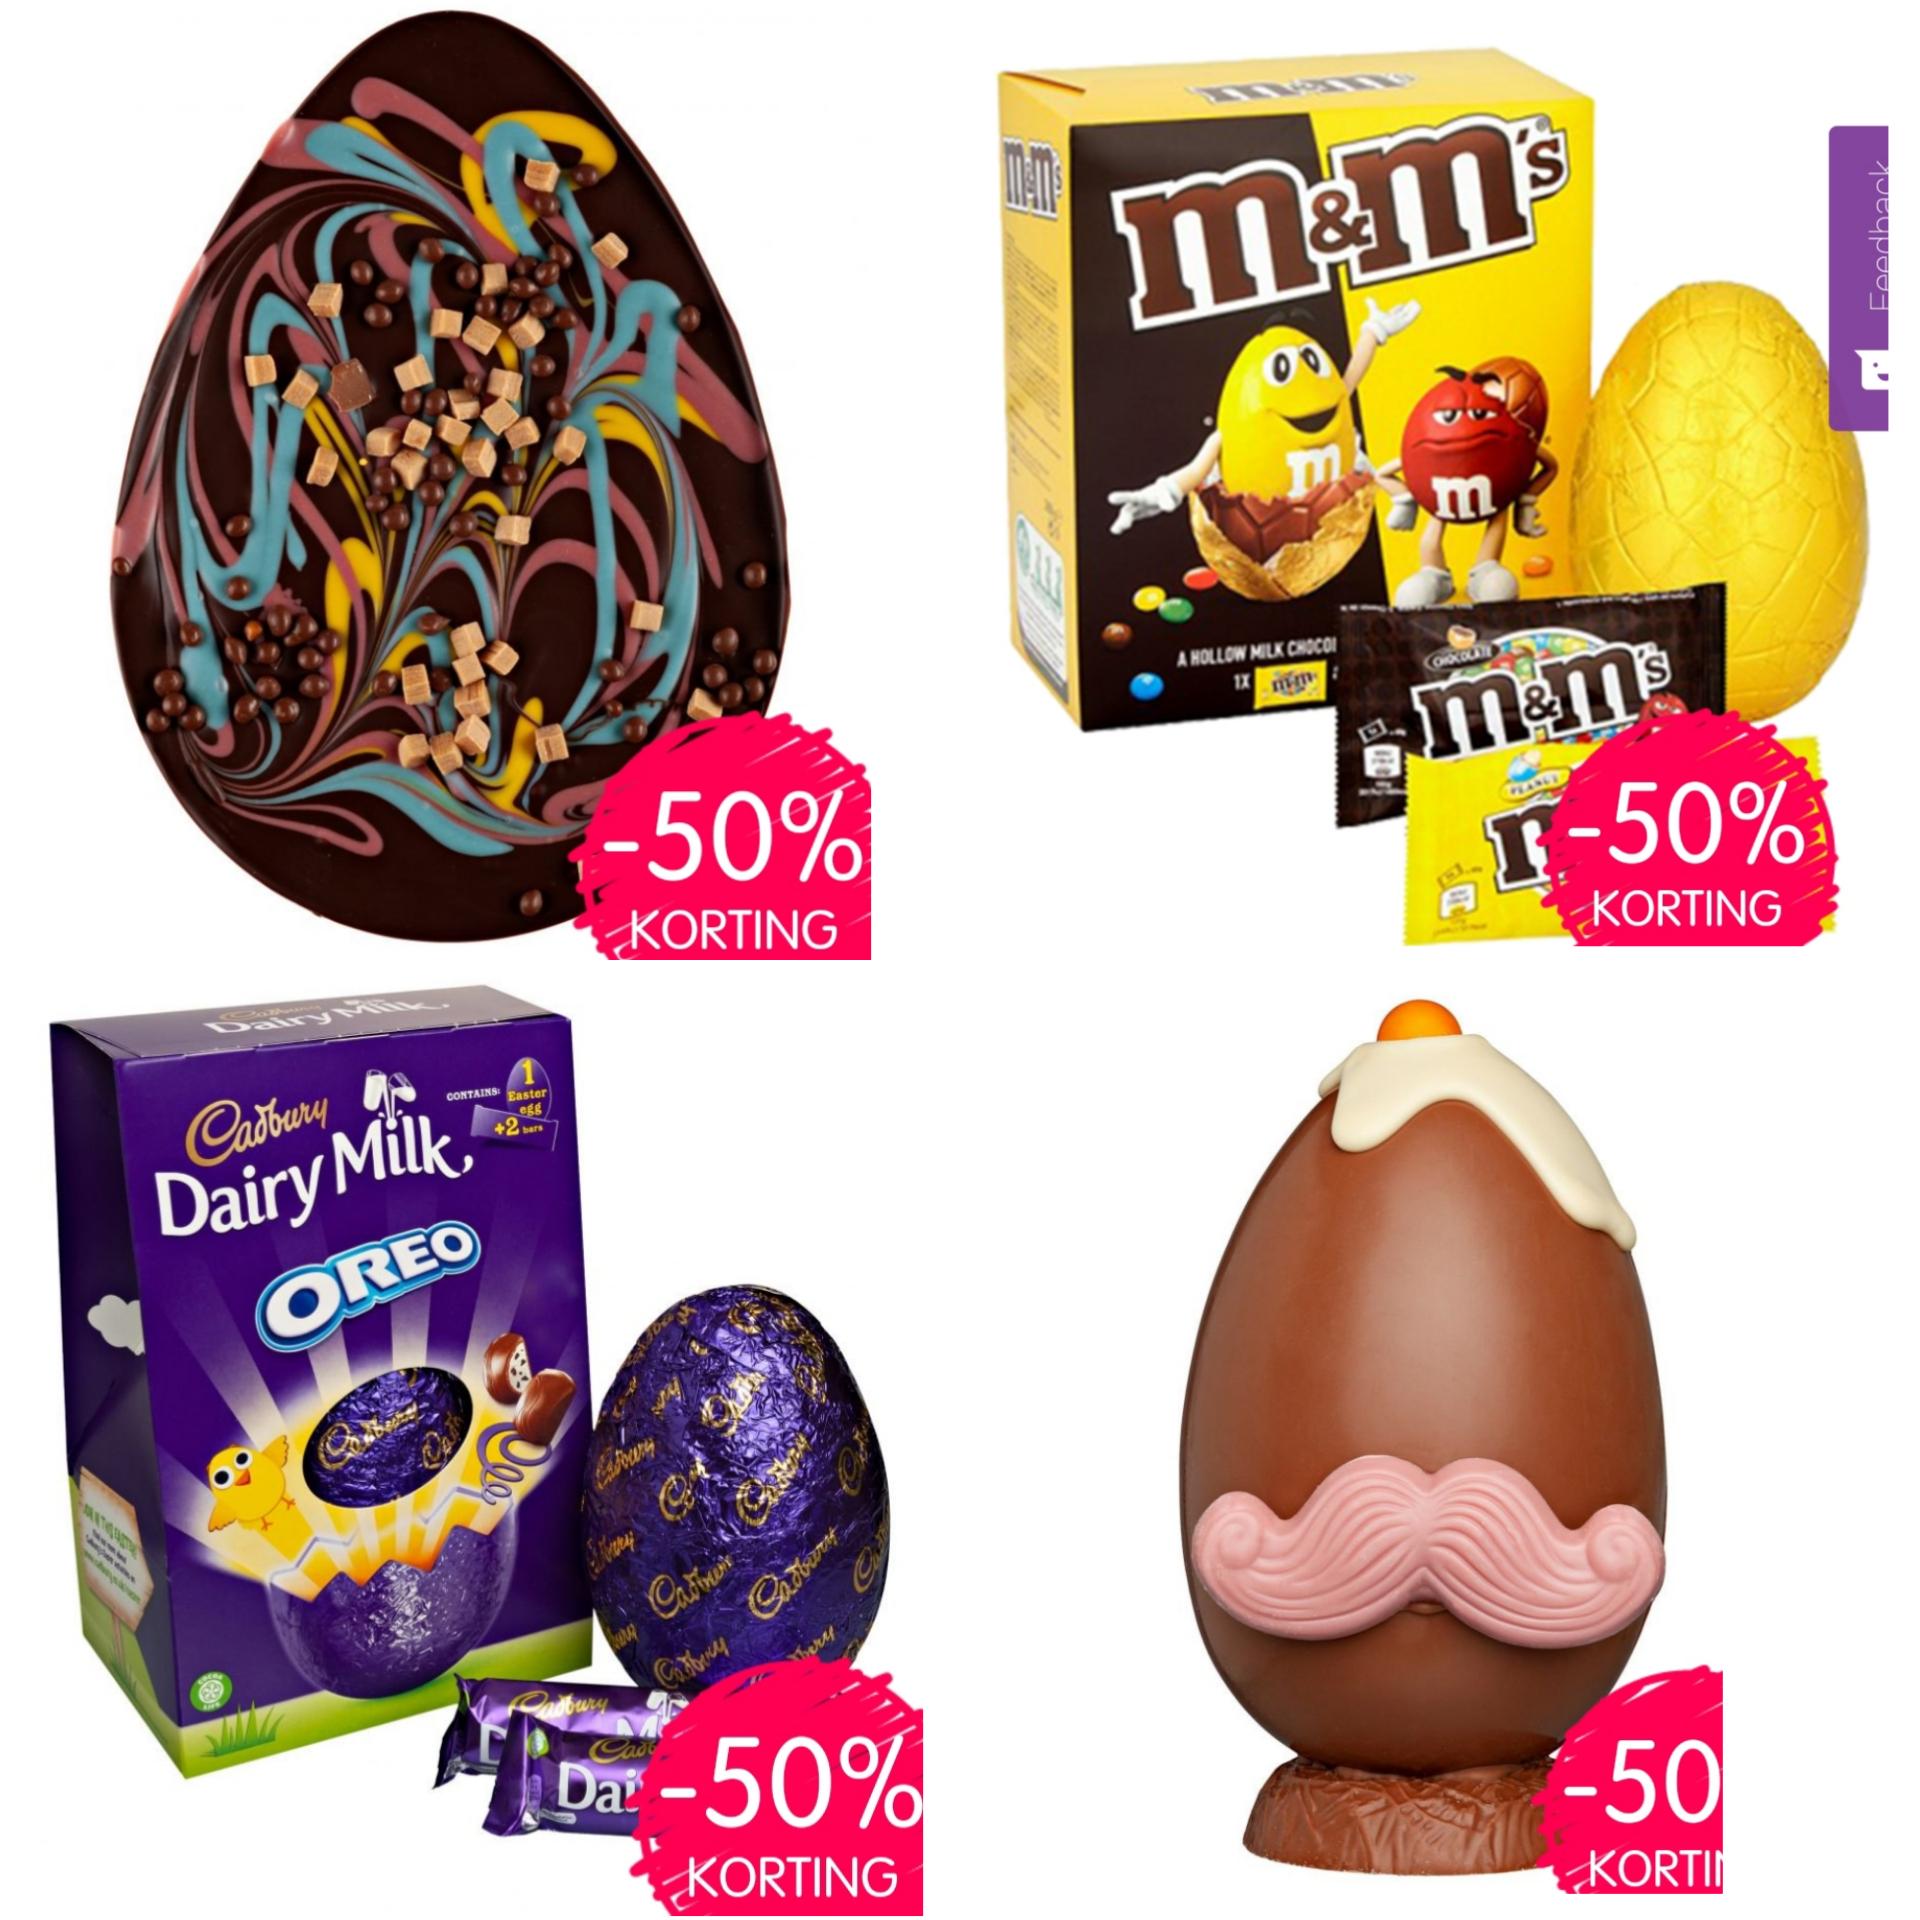 50% korting op alle paas chocolade @Jamin